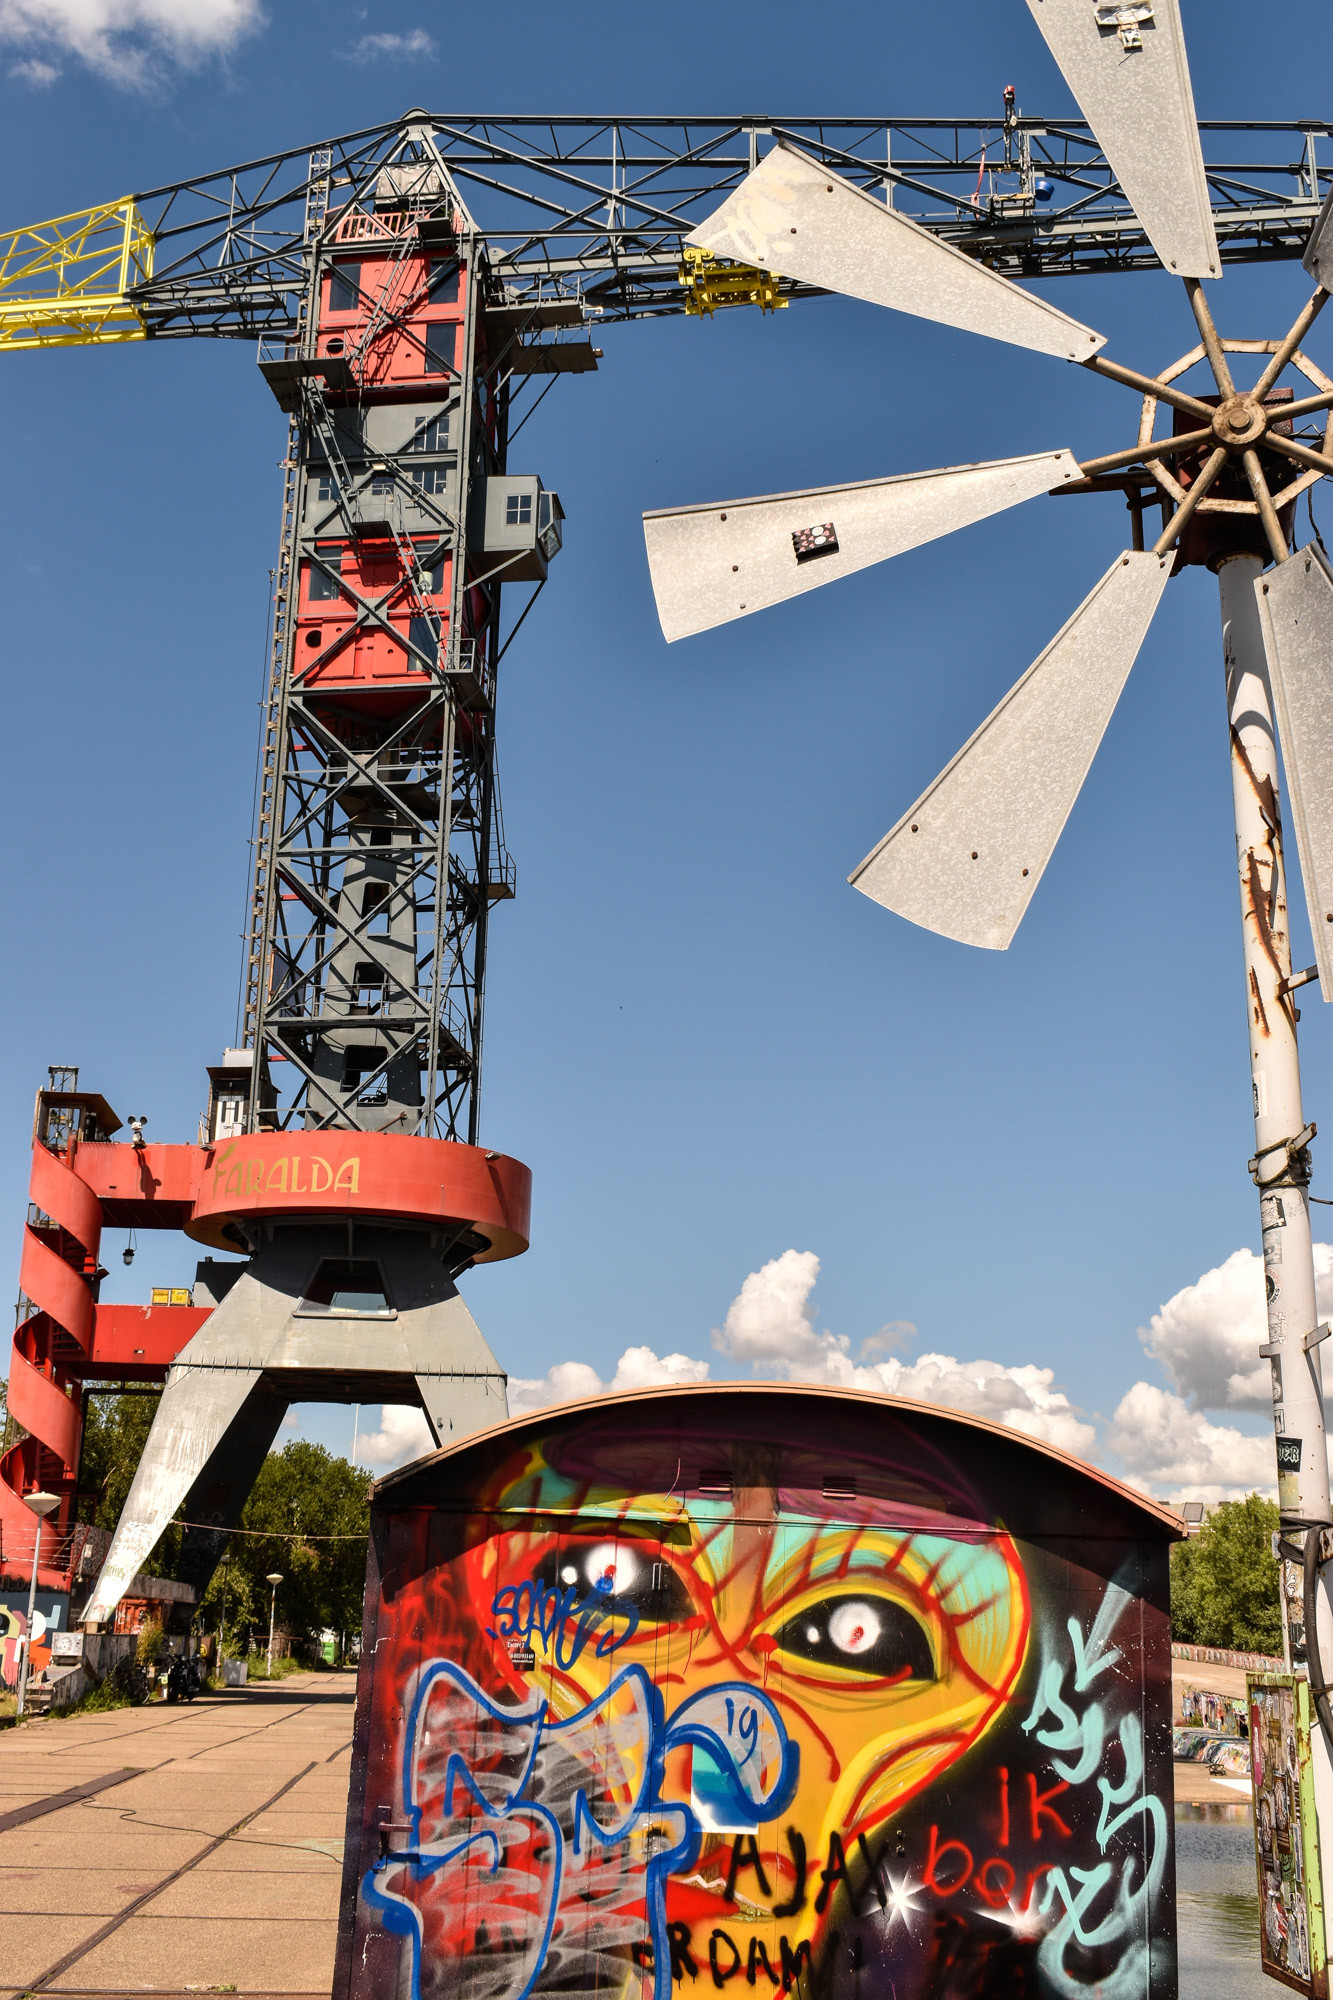 Caravan graffiti in Amsterdam